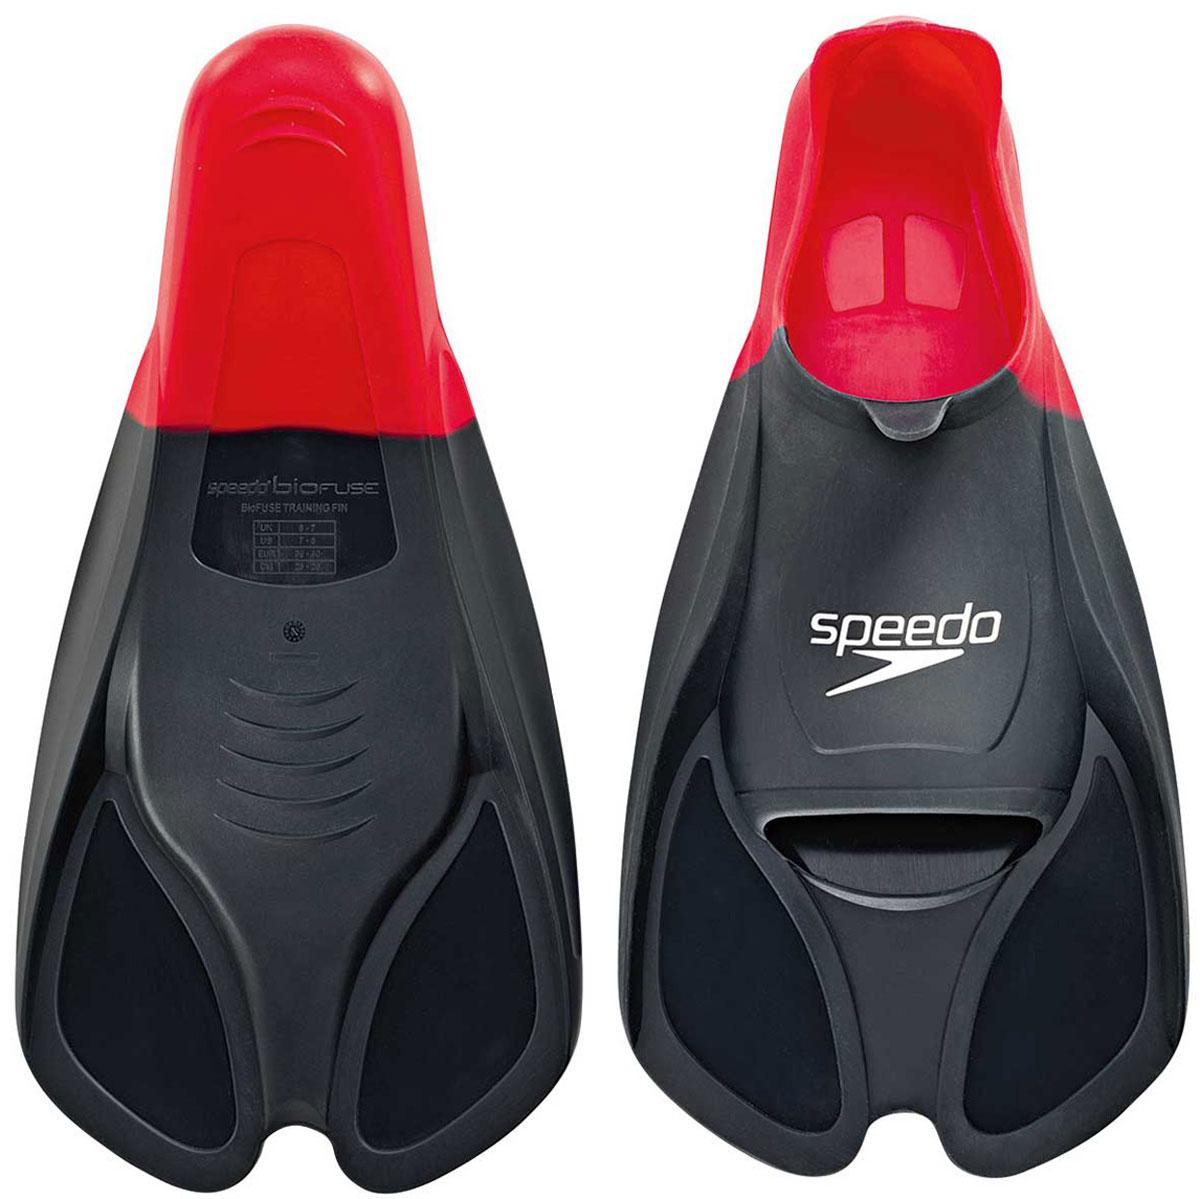 Ласты для плавания Speedo, цвет: красный, черный. Размер 8-9. 8-088413991